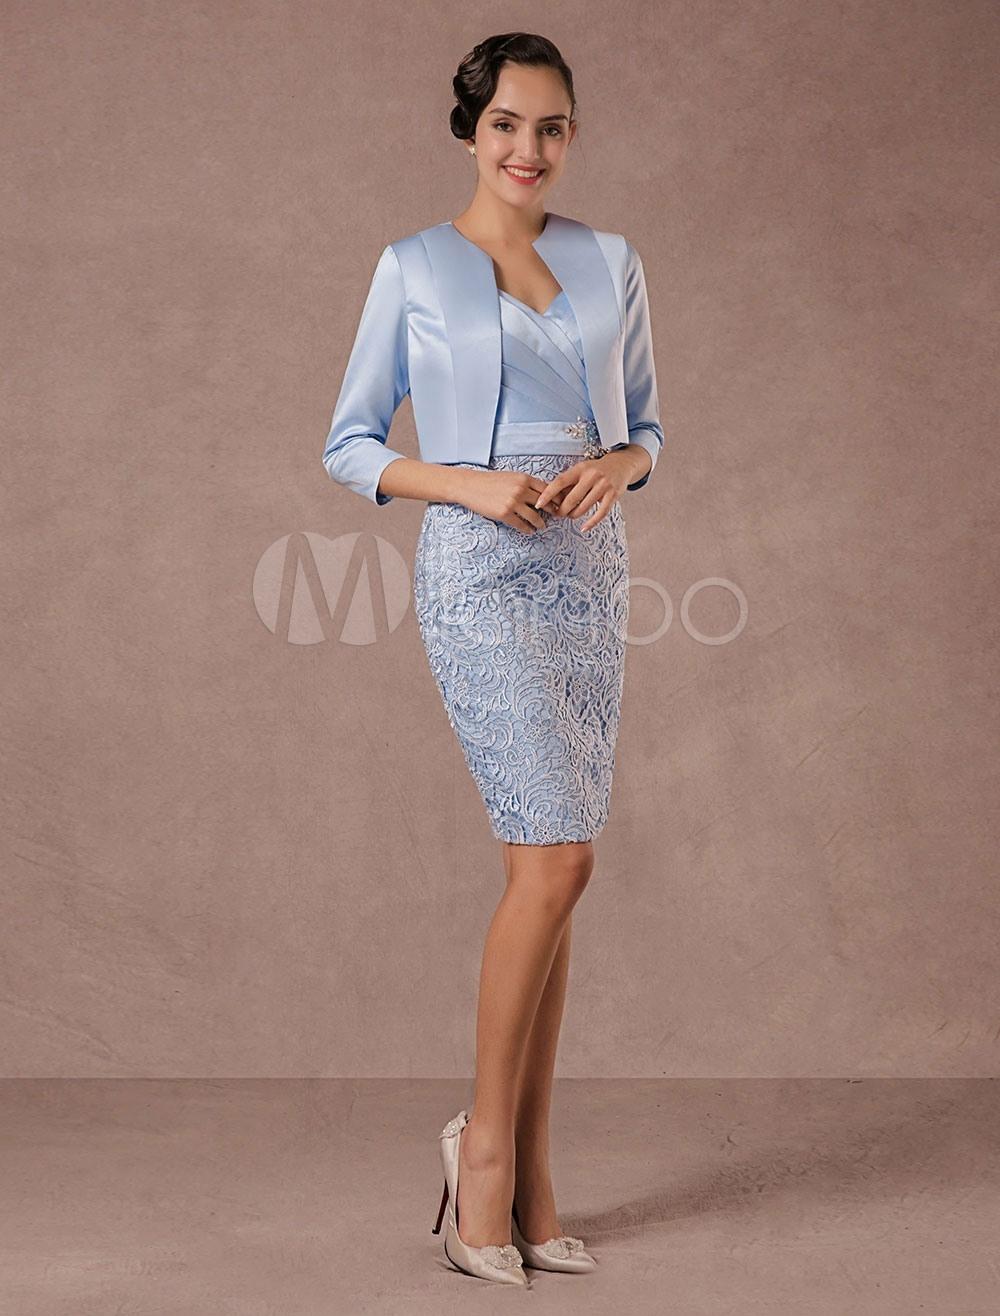 17 Schön Kleider Für Schöne Anlässe Spezialgebiet20 Elegant Kleider Für Schöne Anlässe Spezialgebiet